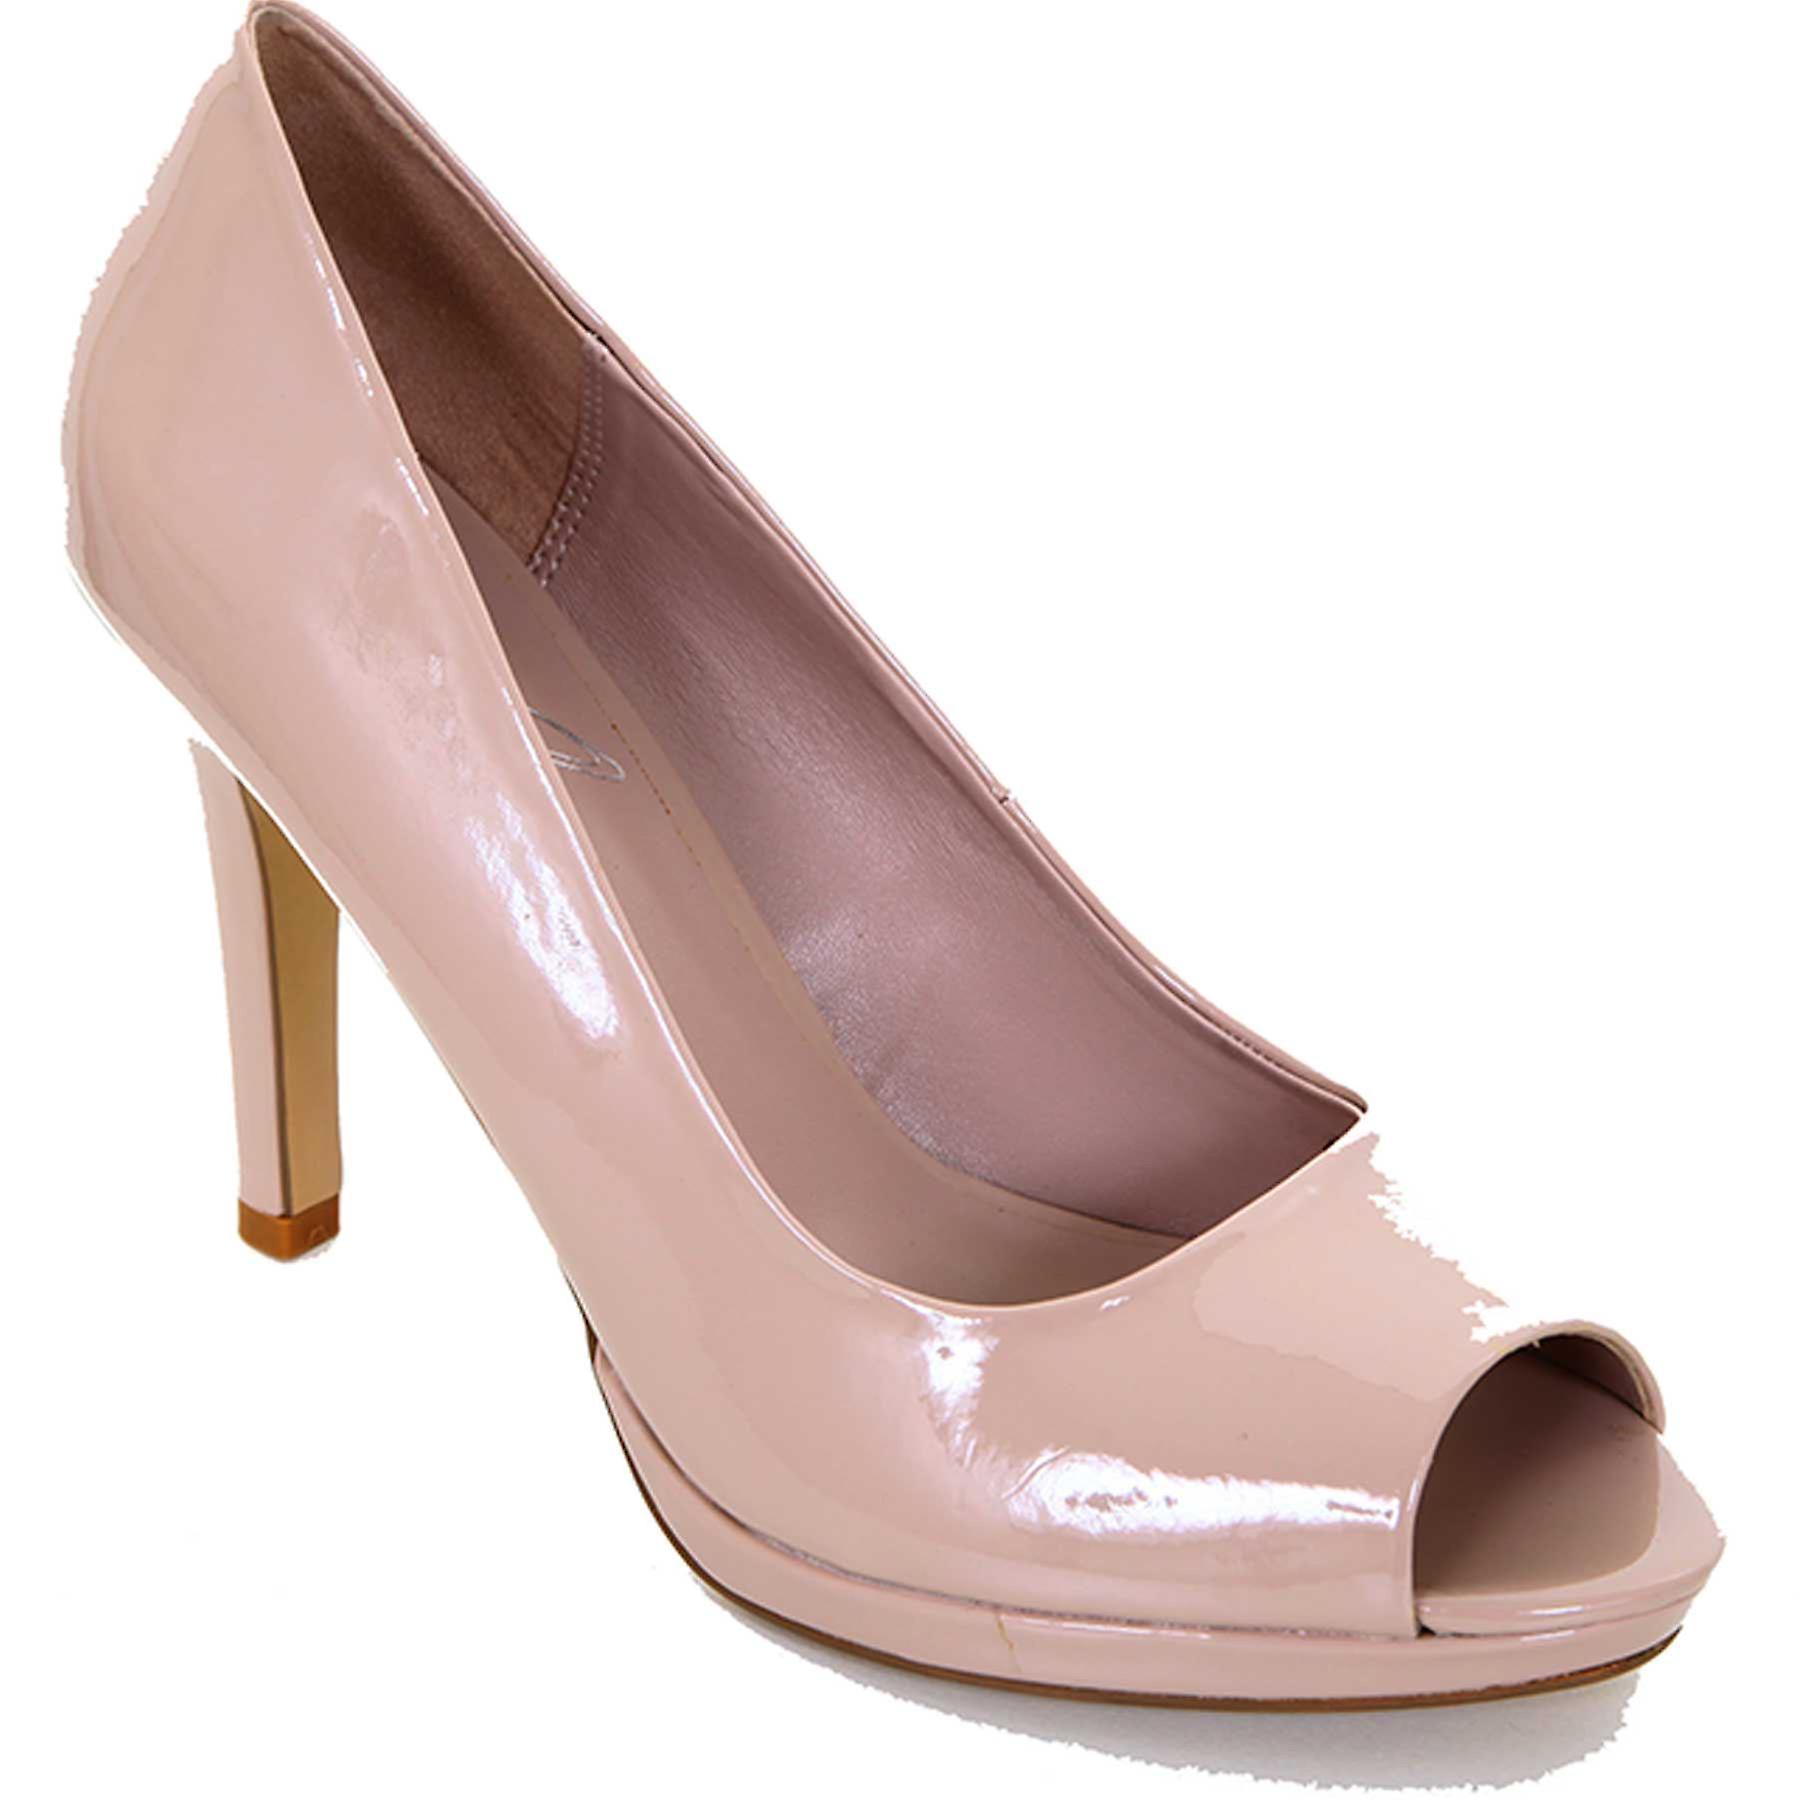 Hyvät Peep Toe alaston musta patentti naisten rento Smart tuomioistuin kengät korkokengät